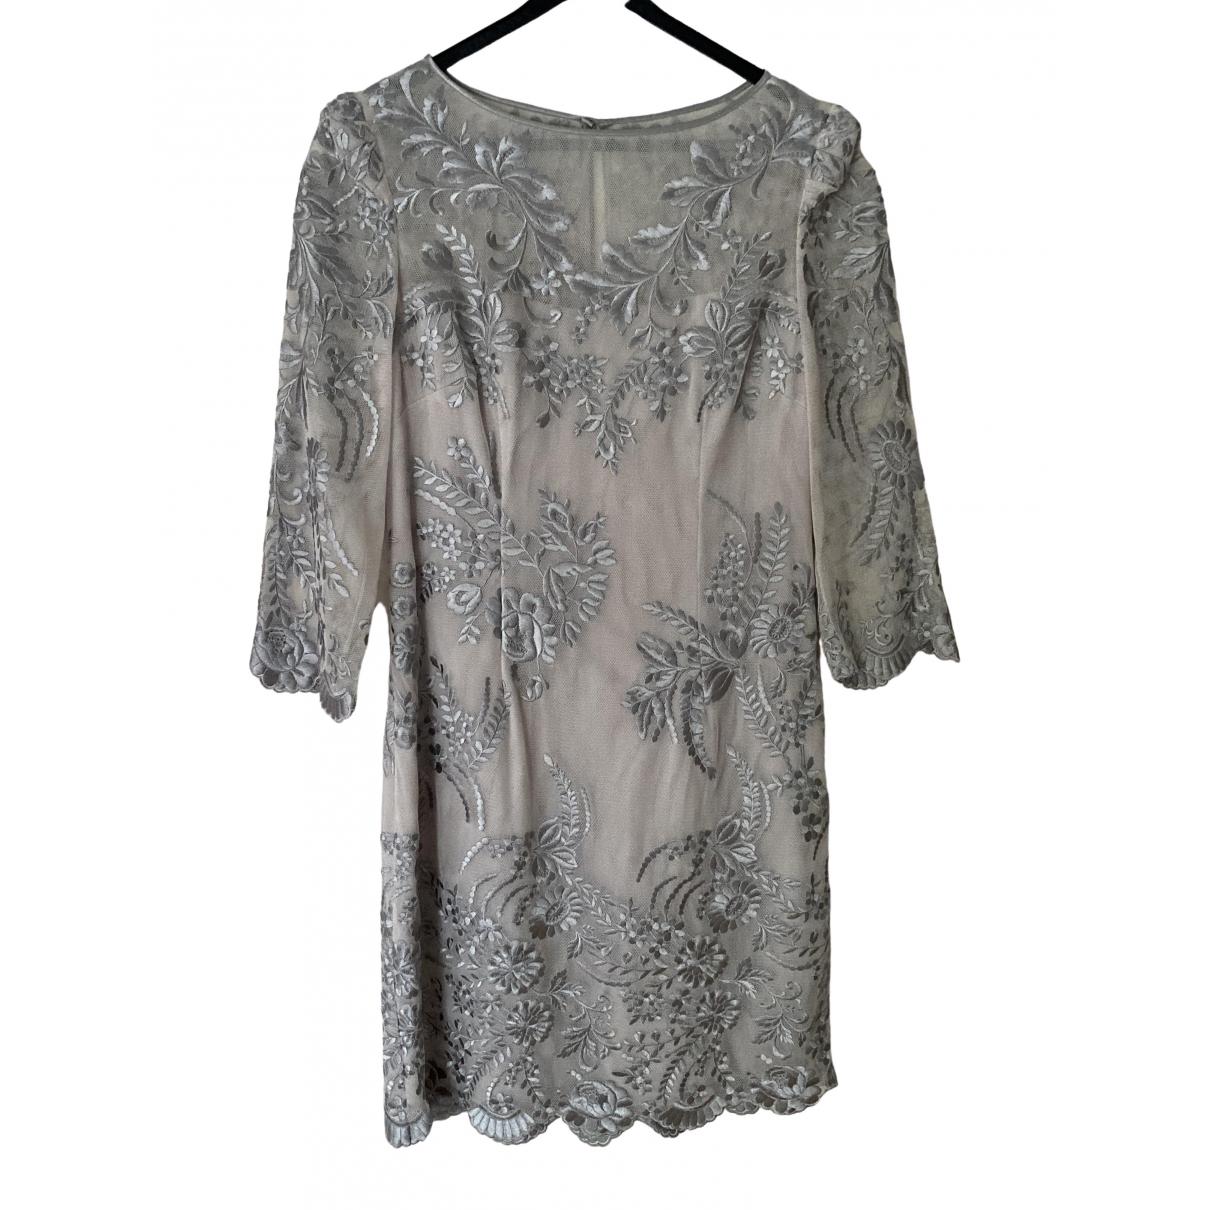 Karen Millen \N Kleid in  Grau Spitze